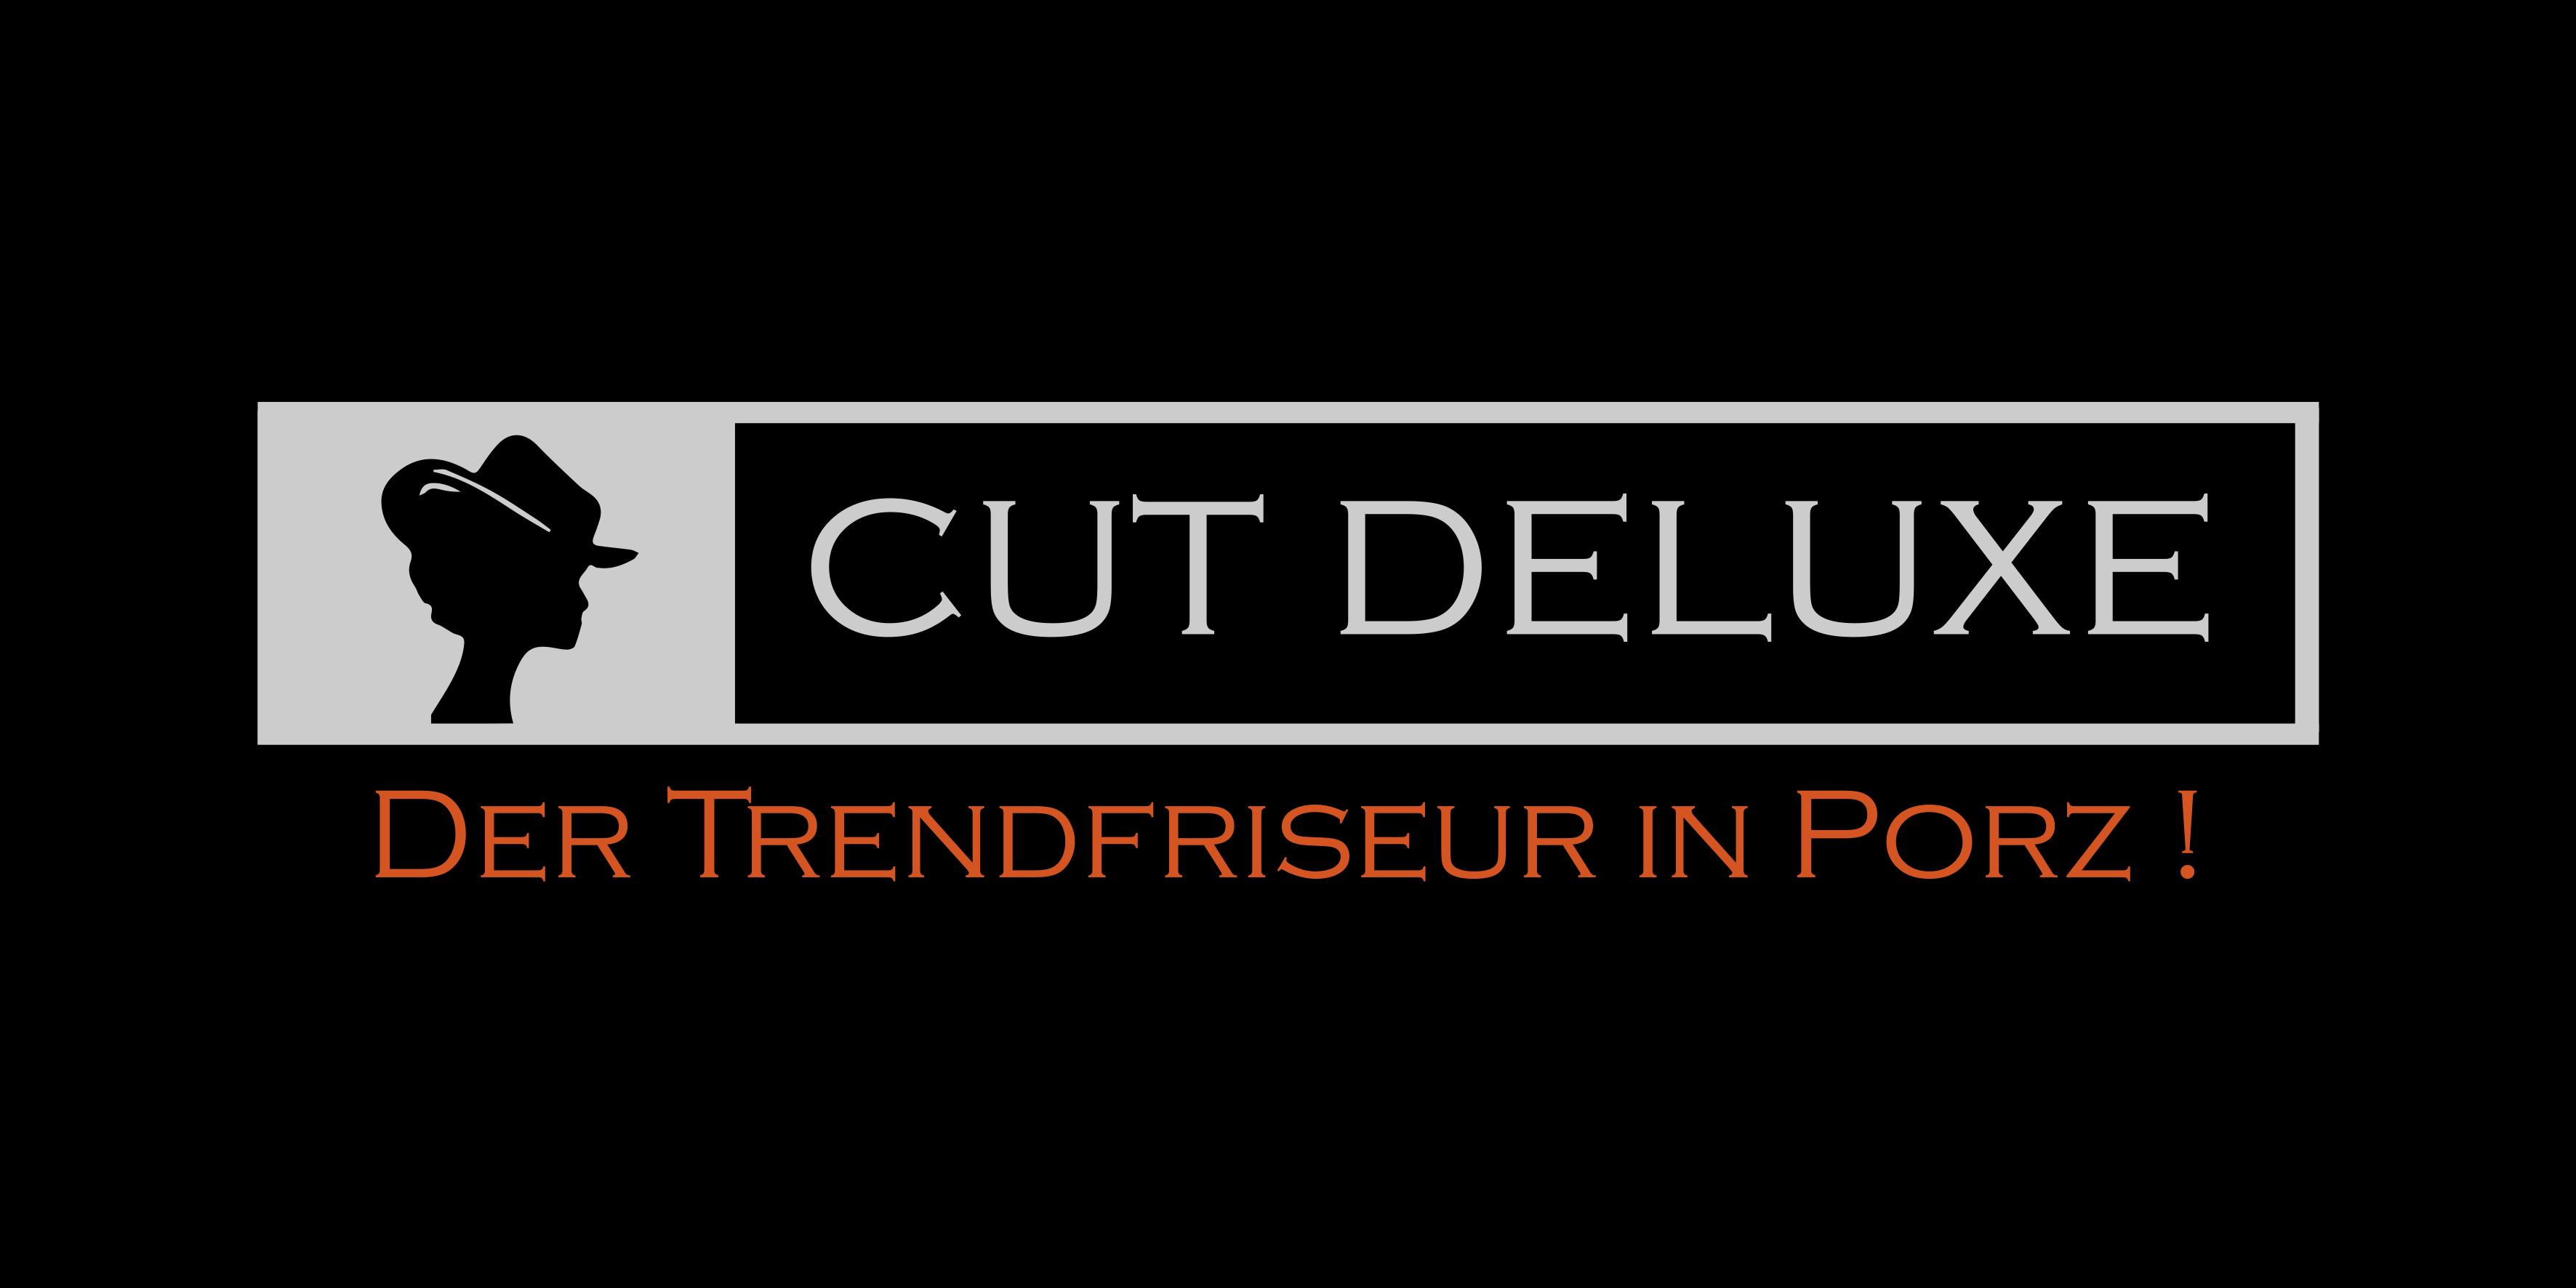 Logo_CCP_cut_deluxe_pdfx